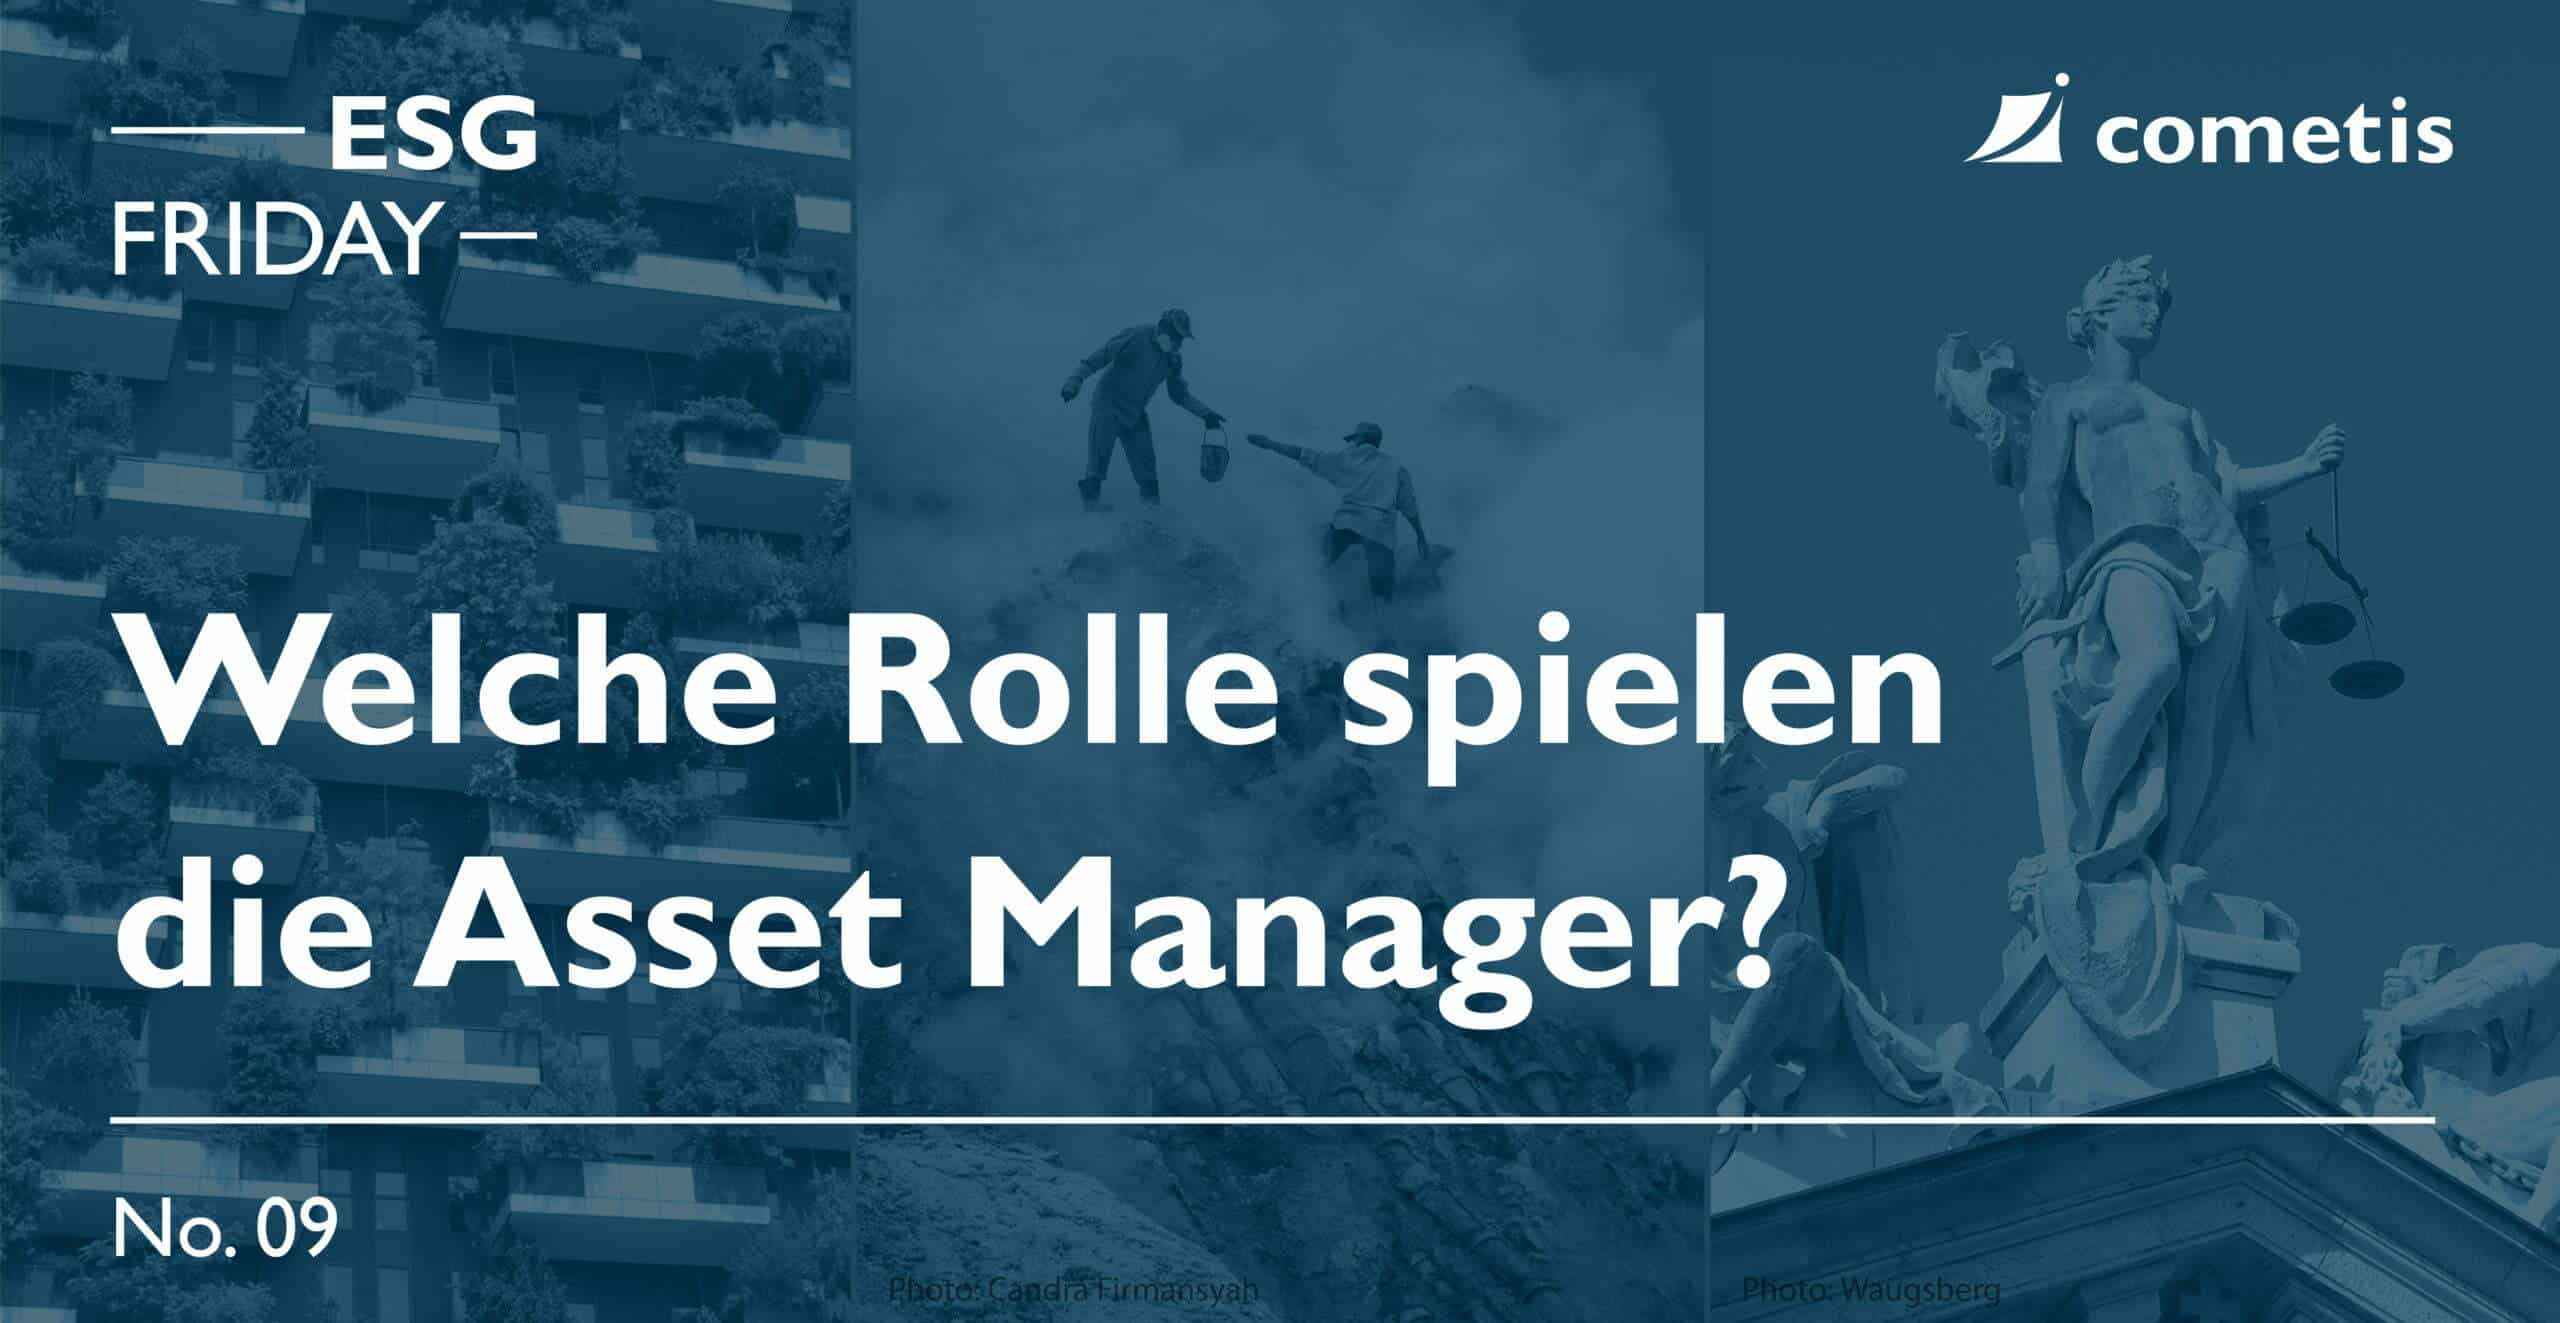 ESG Banner - Rolle des Asset Mananger